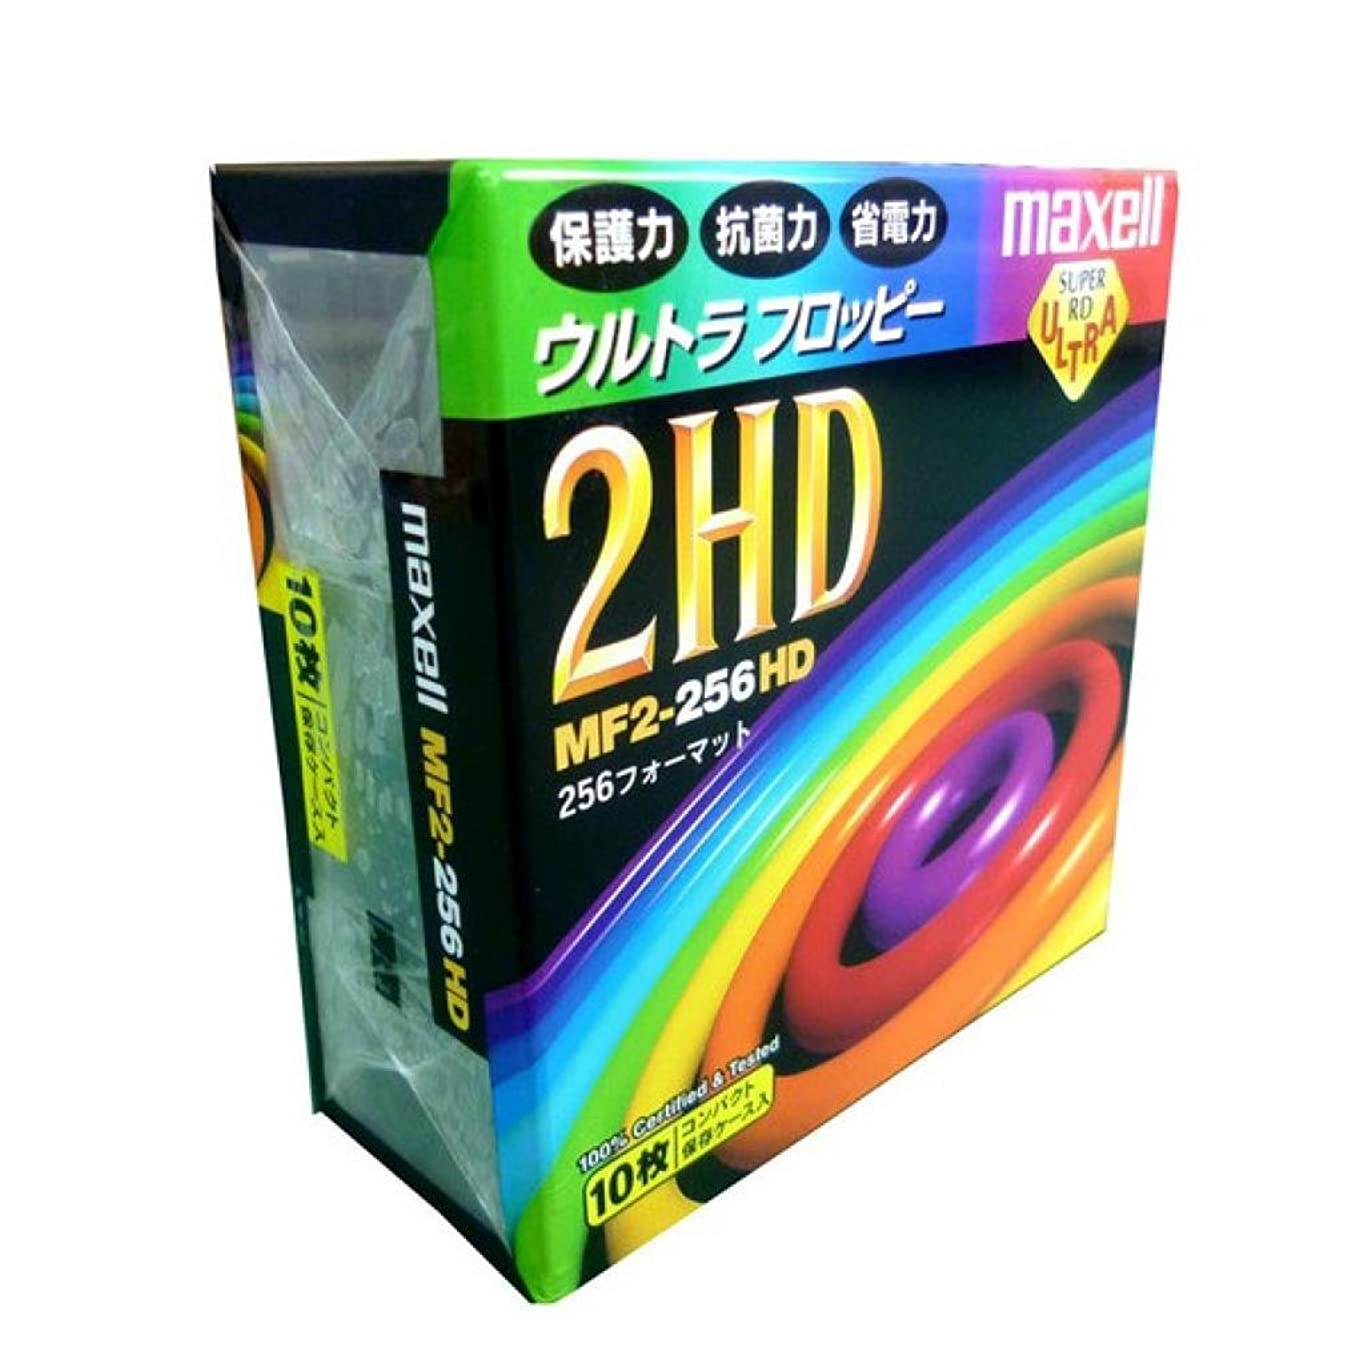 微妙読書アブストラクトFUJIFILM MF2HDDV FK40 Windows用40枚紙箱入り3.5FD